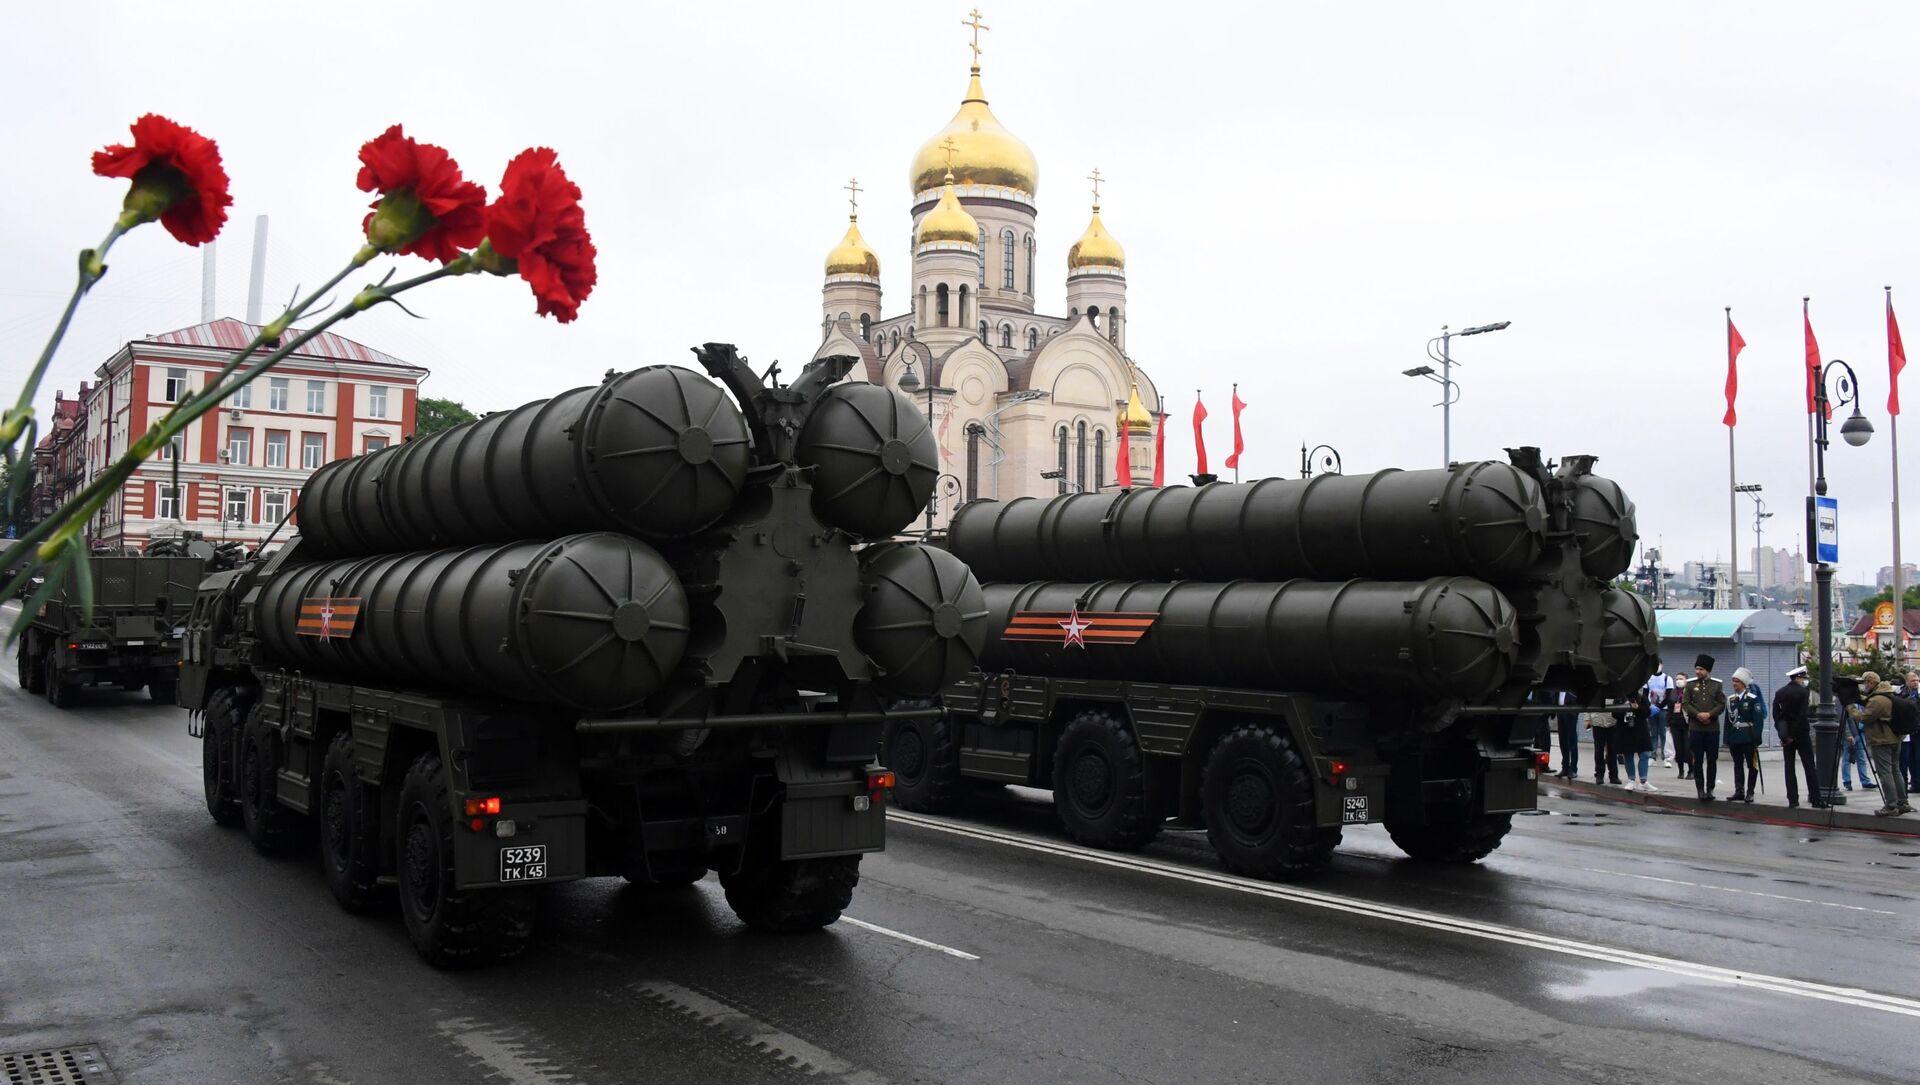 Зенитно-ракетные комплексы С-400 на военном параде в ознаменование 75-летия Победы во Владивостоке - Sputnik Italia, 1920, 25.02.2021